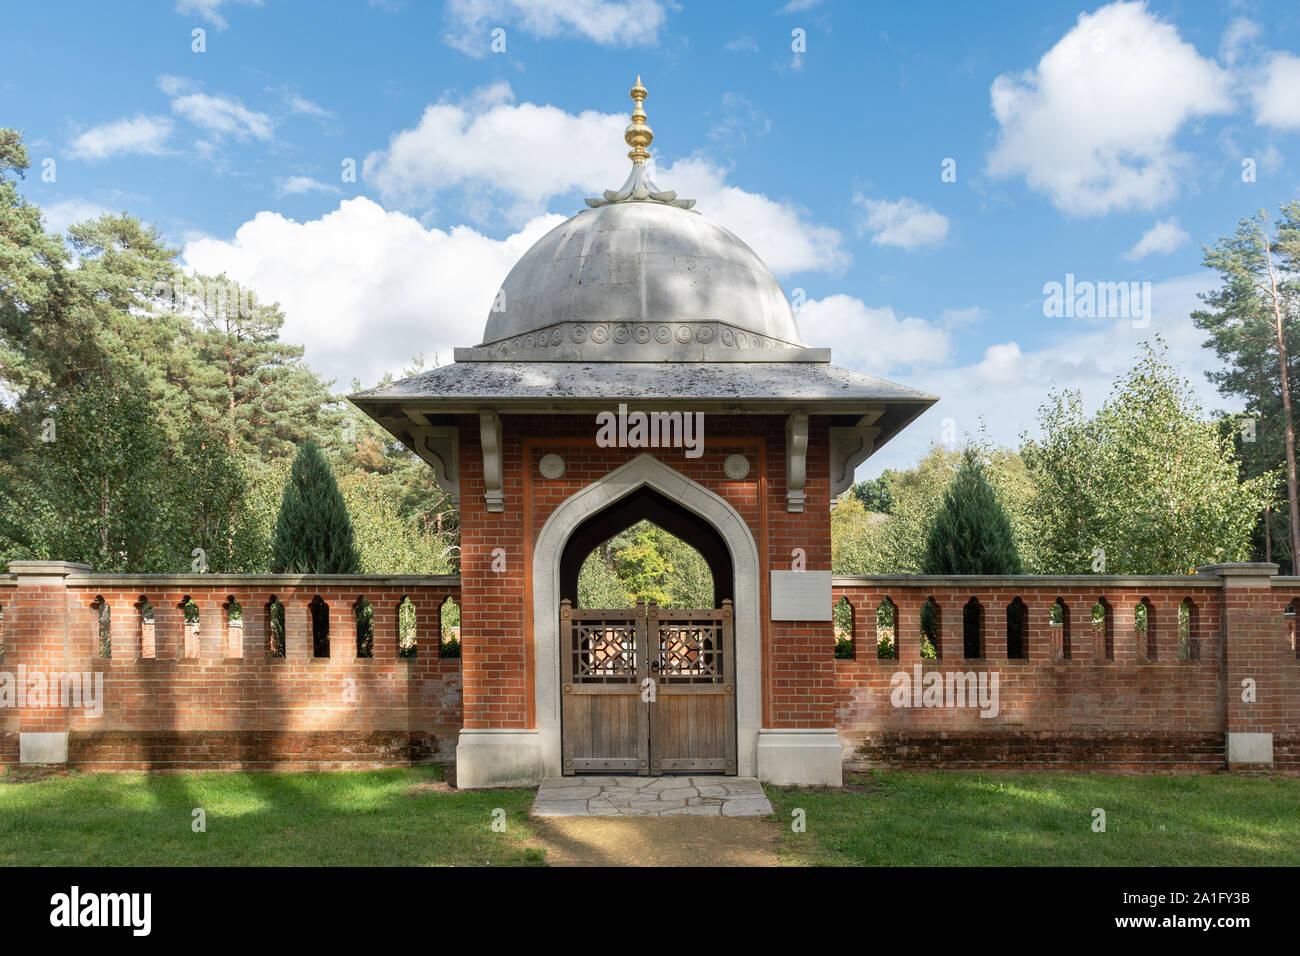 Woking cementerio musulmán y Jardín de Paz, cementerio de guerra histórico en Surrey, Reino Unido. Arcada abovedada a la entrada del jardín. Foto de stock